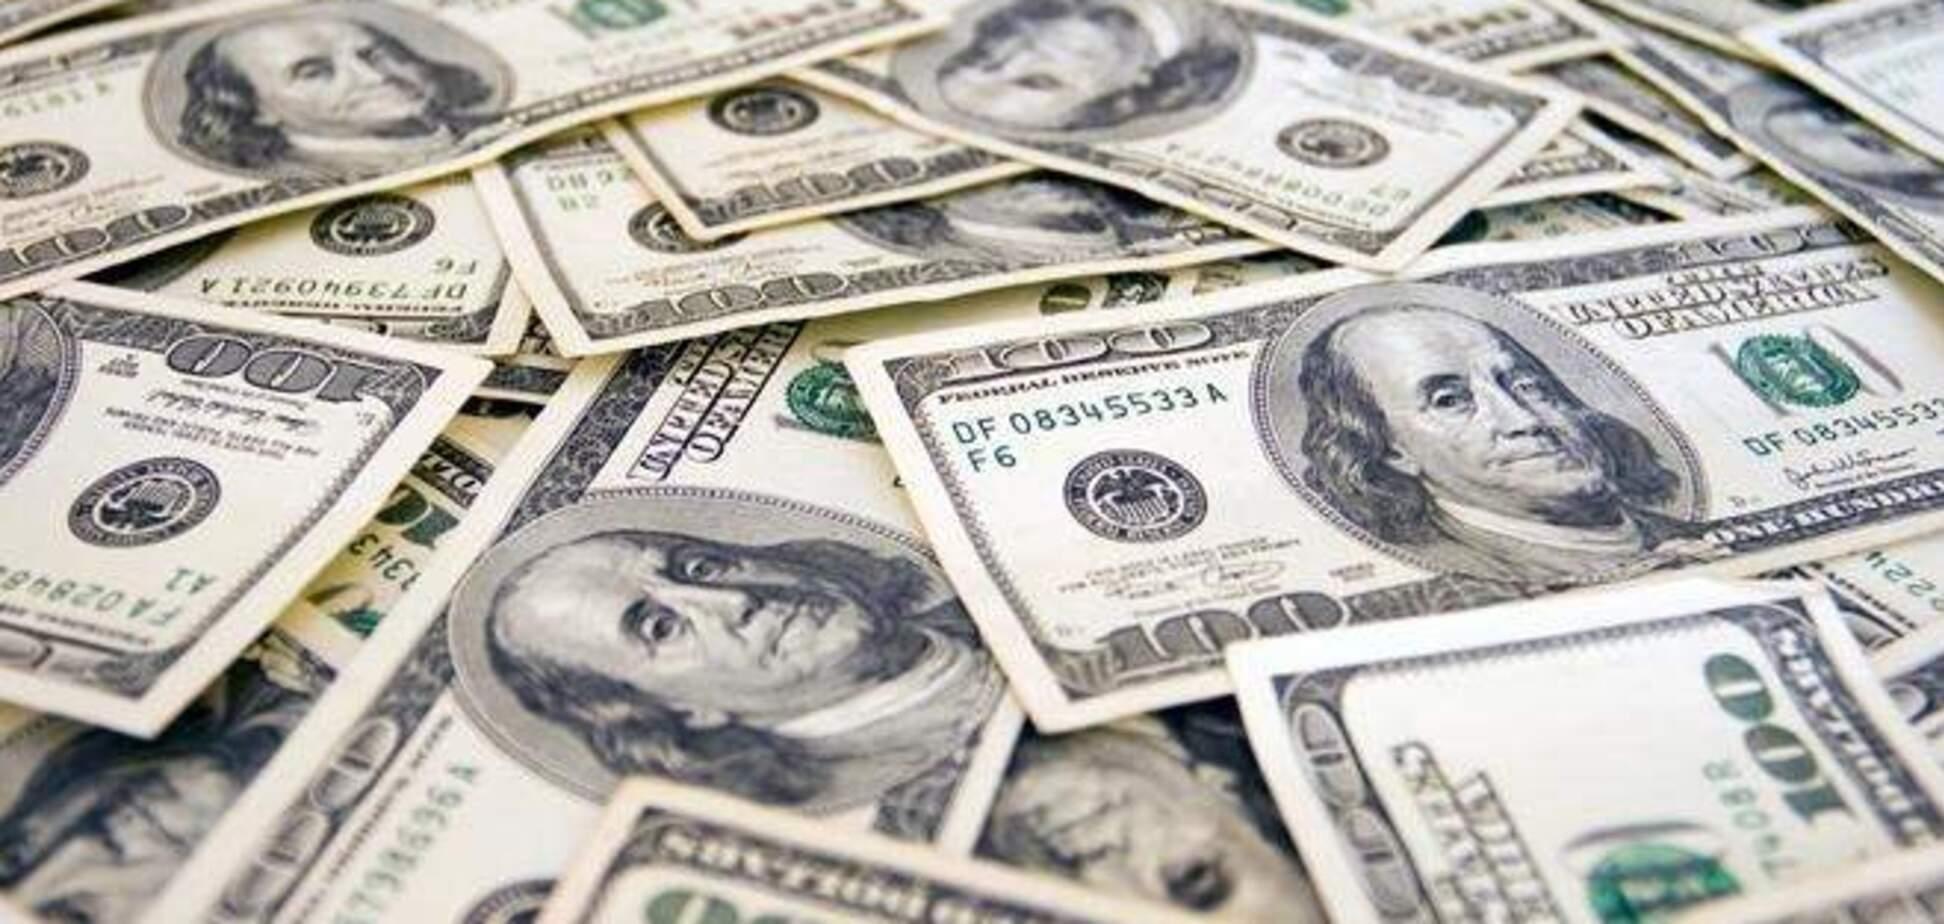 Экономист: ограничение НБУ продажи валюты – экстренная, но временная мера